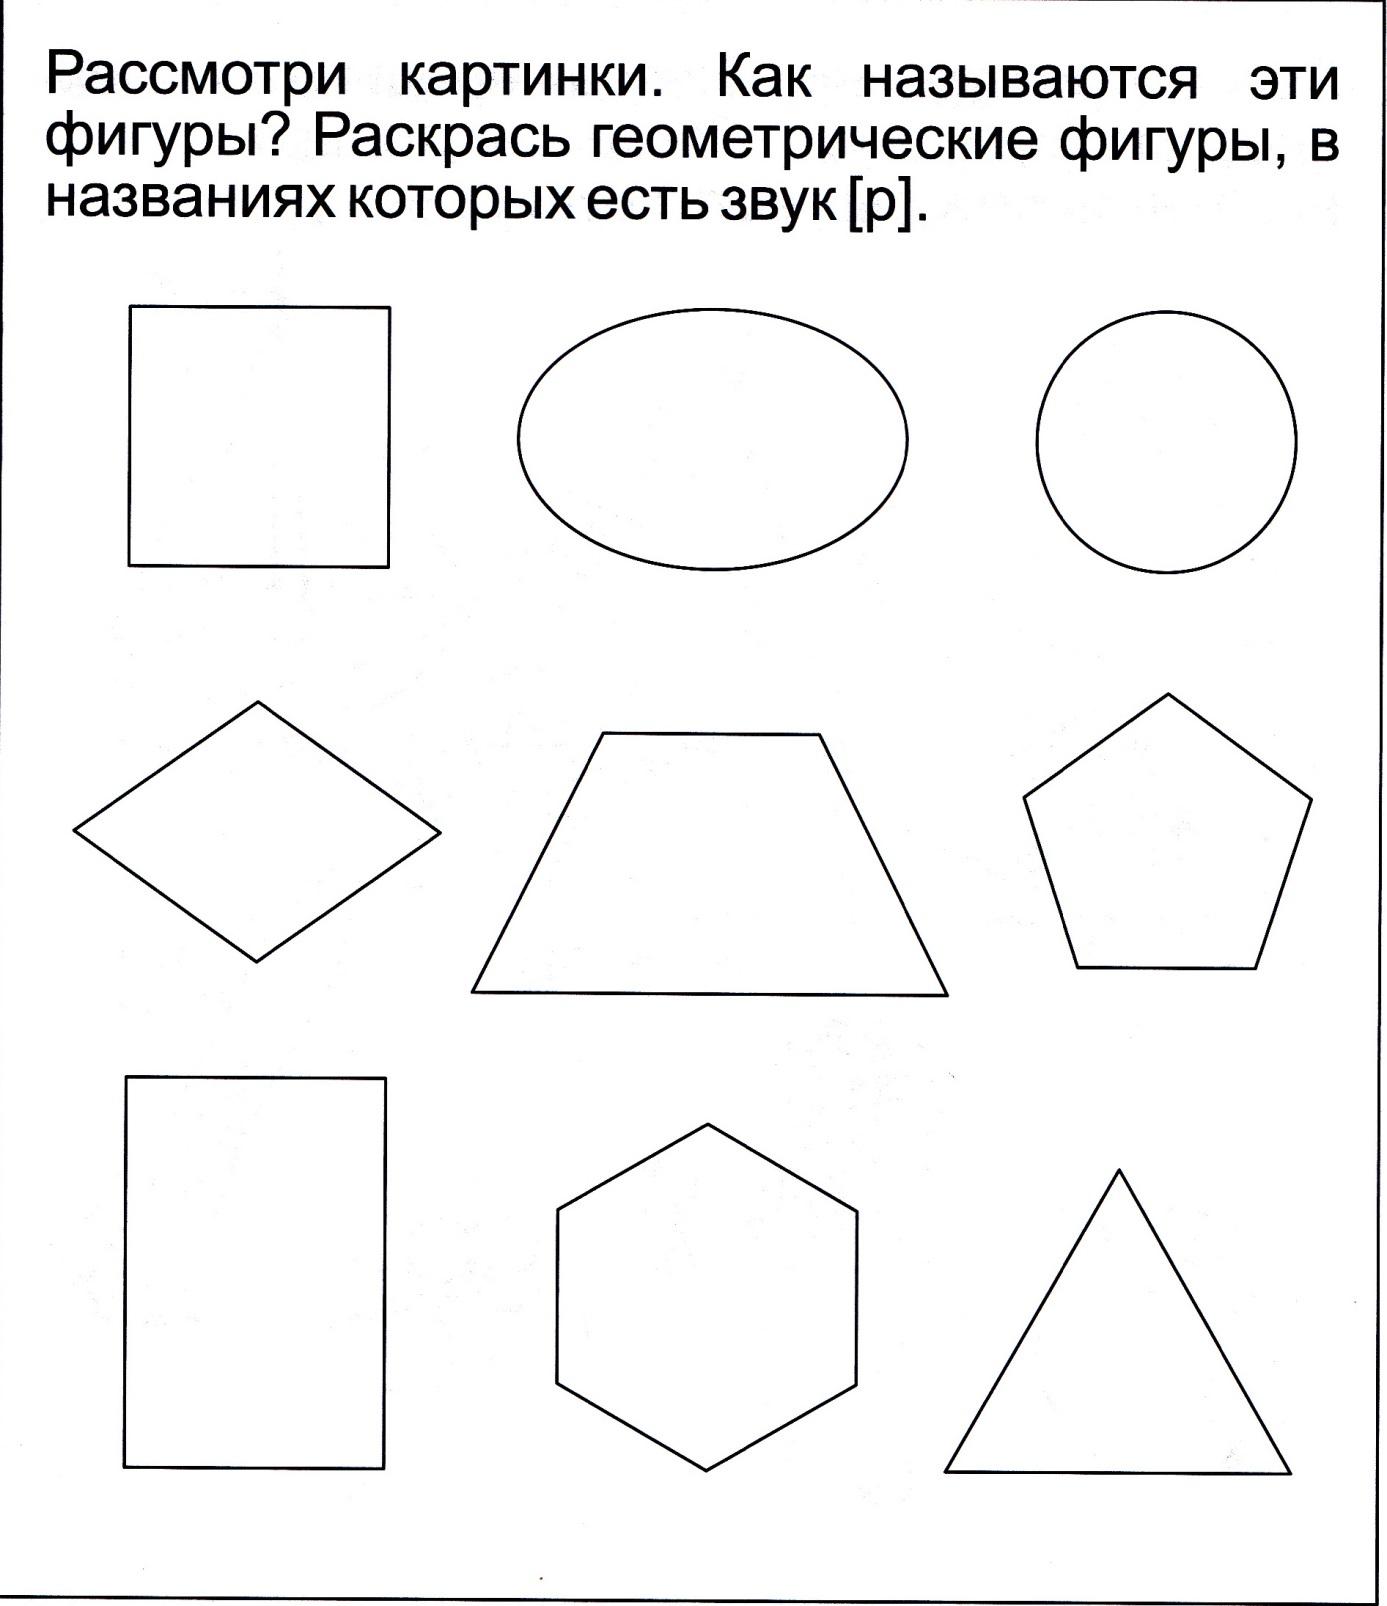 Геометрические фигуры картинки с названиями трапеции